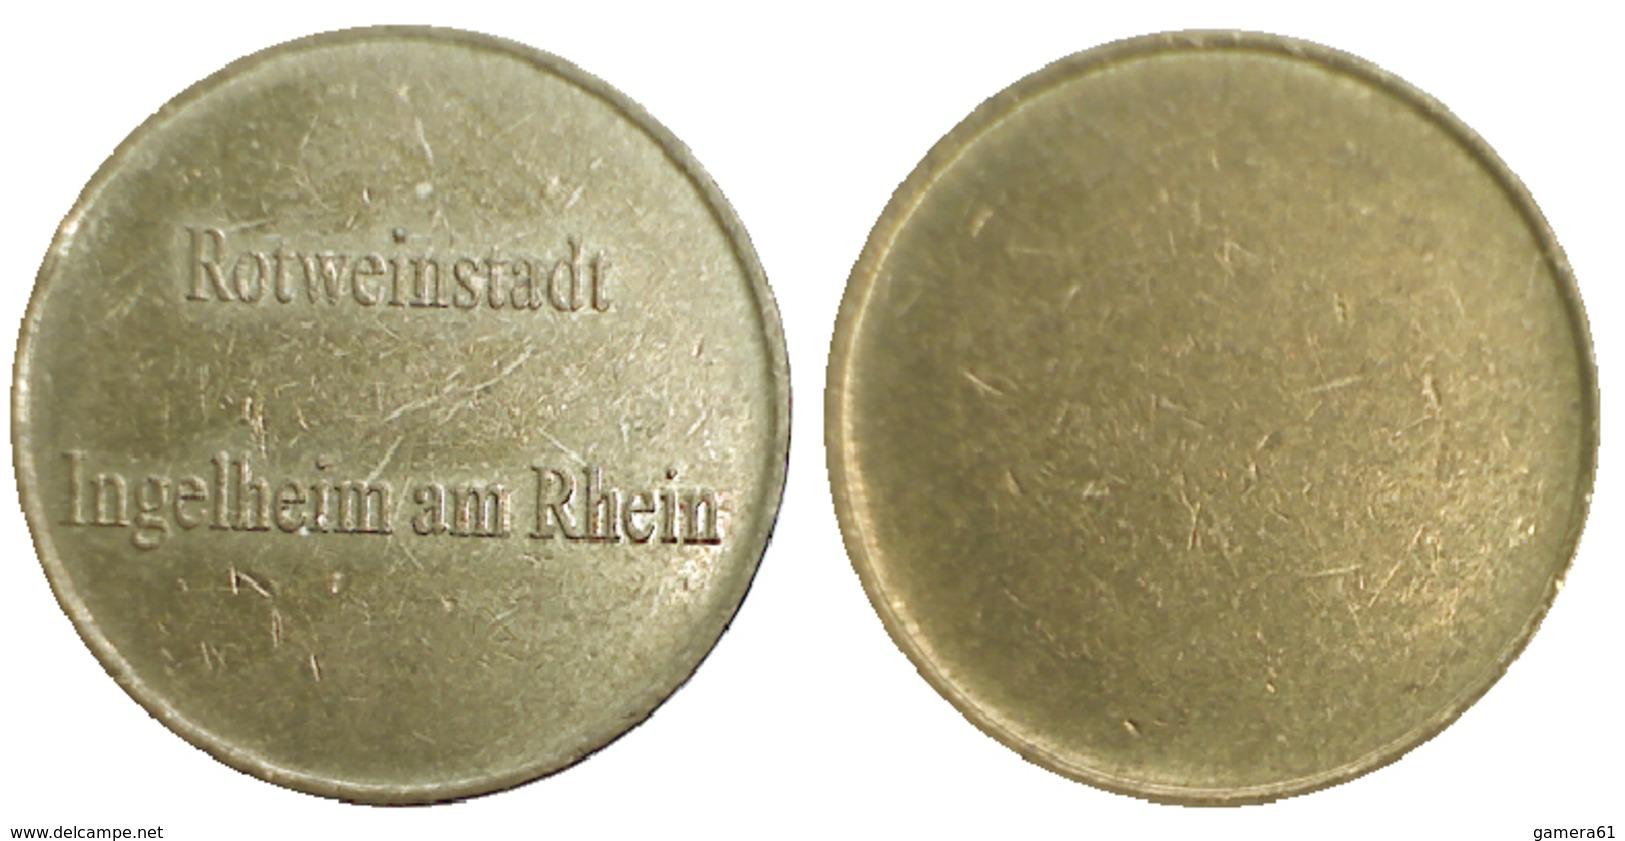 01774 GETTONE TOKEN JETON FICHA LOCAL ROTWEINSTADT INGELHEIM AM RHEIN - Allemagne